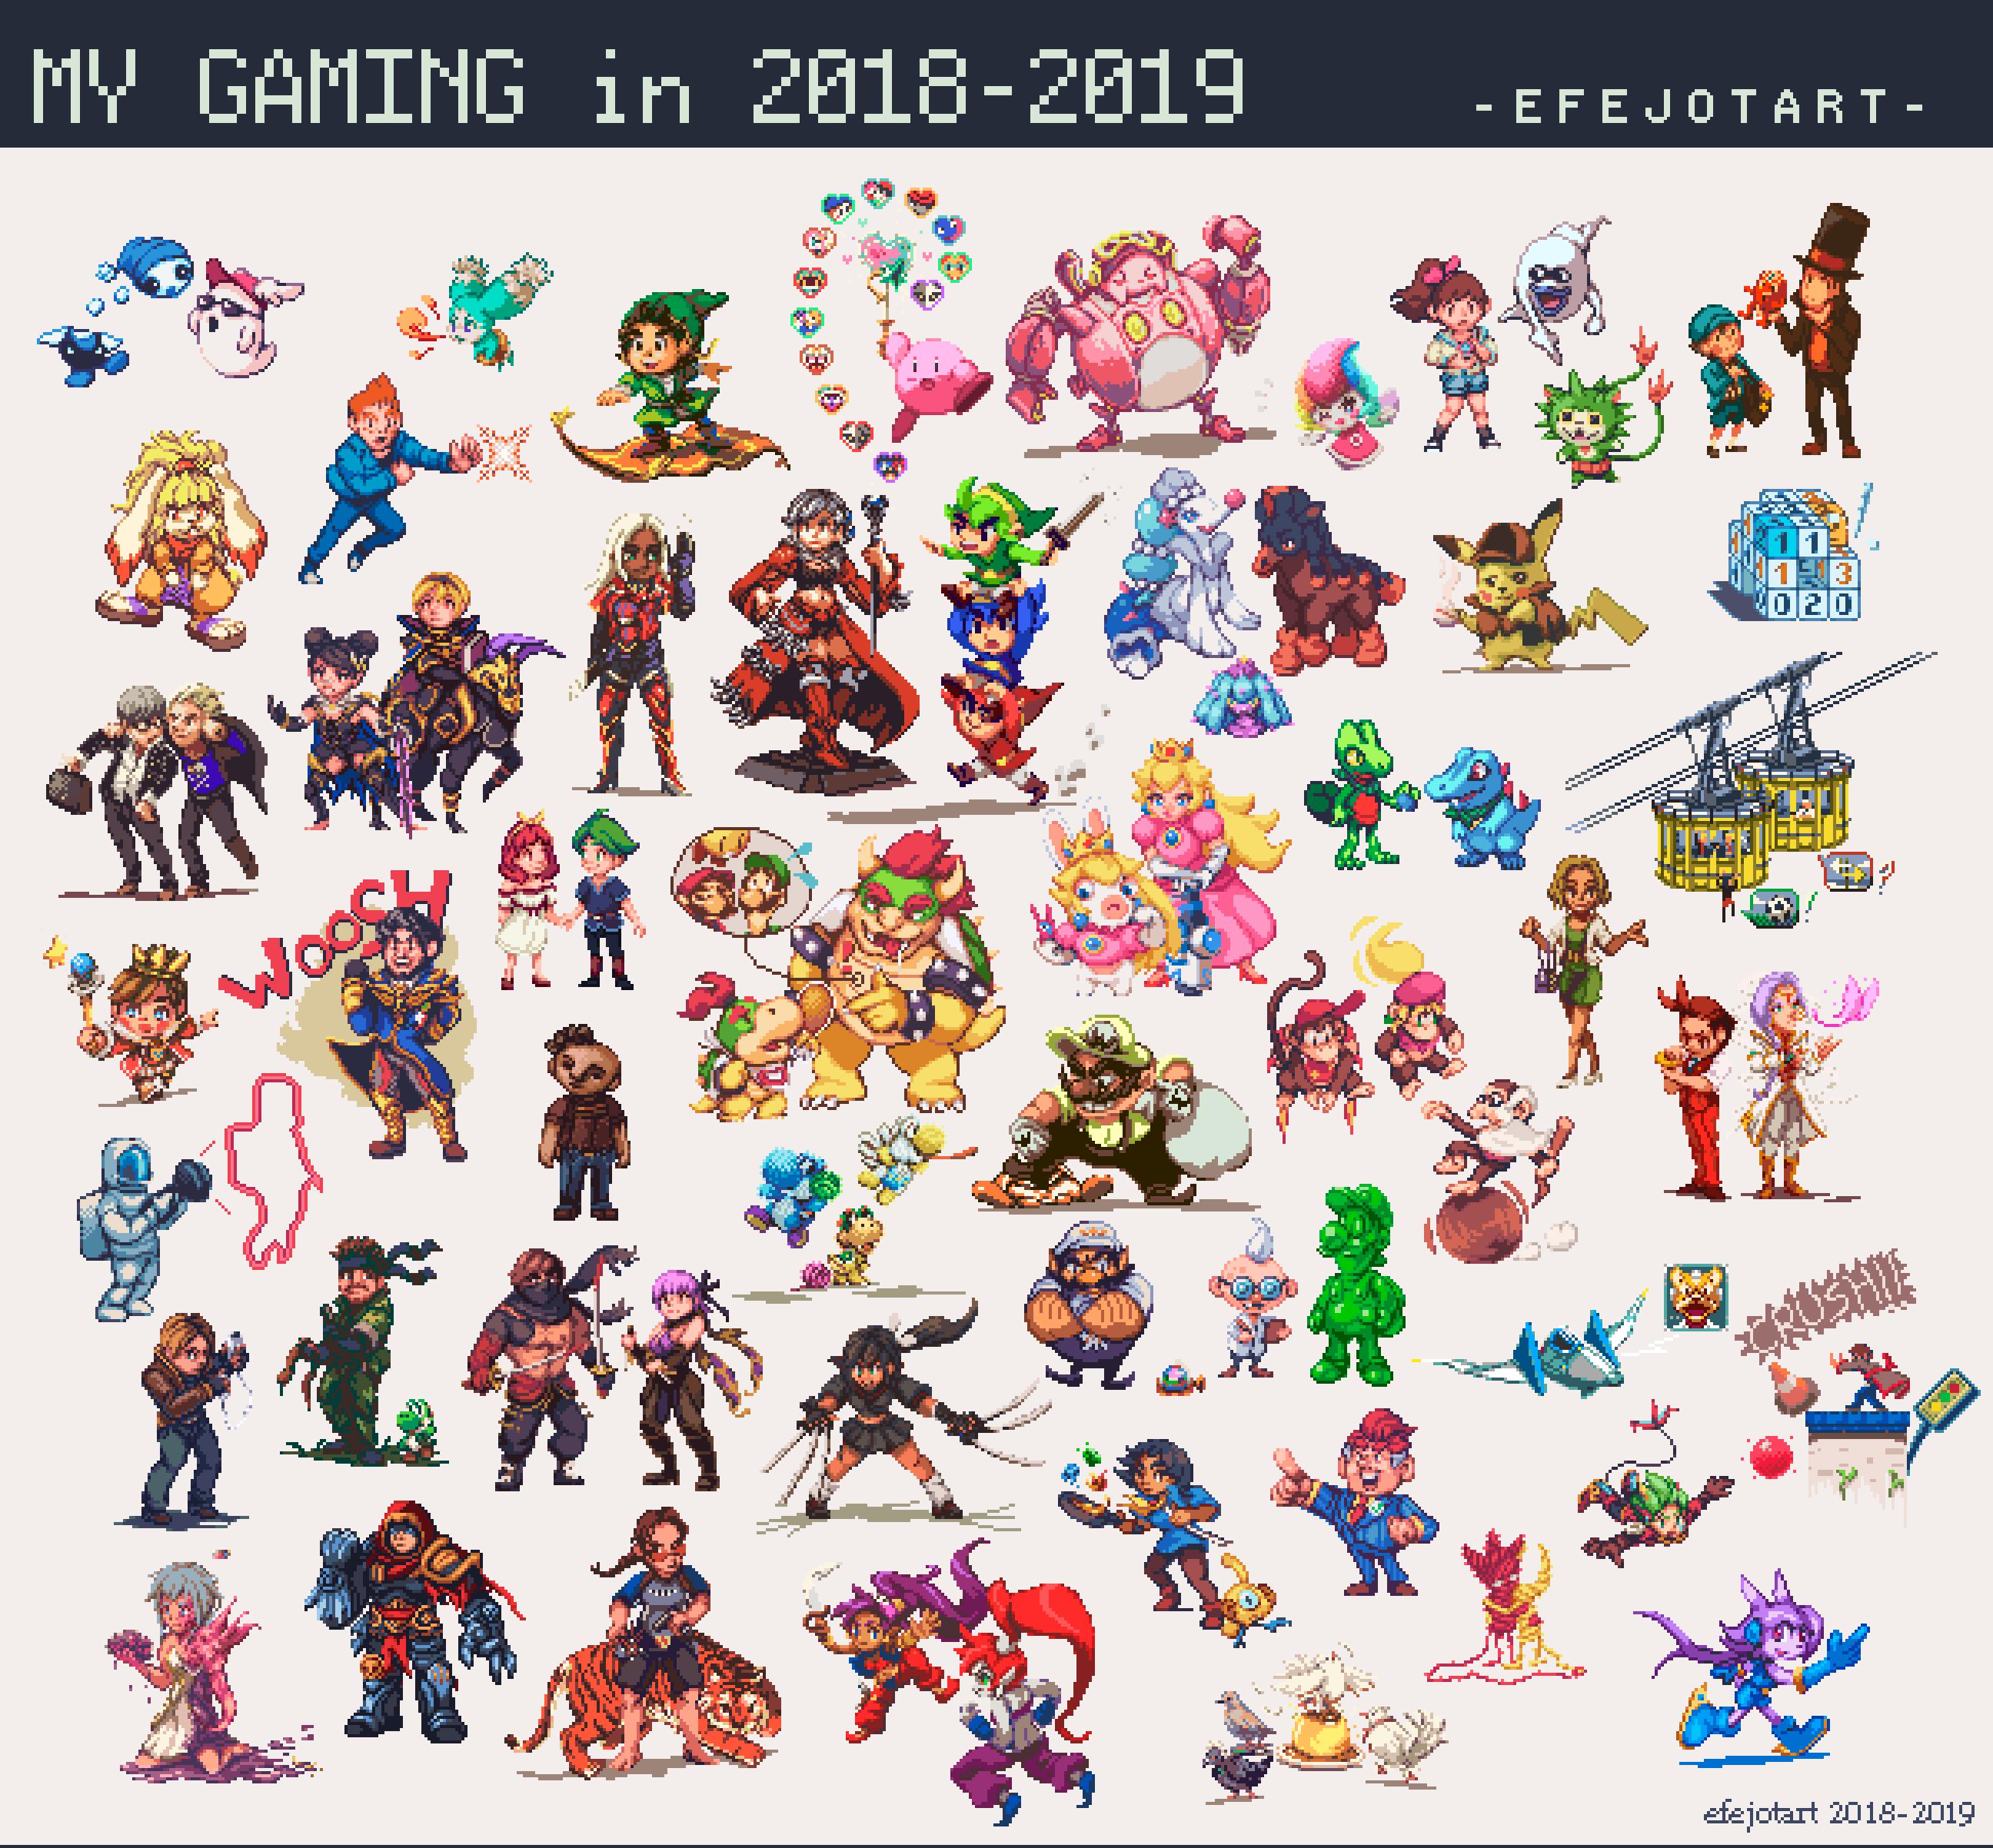 50 games in pixelart